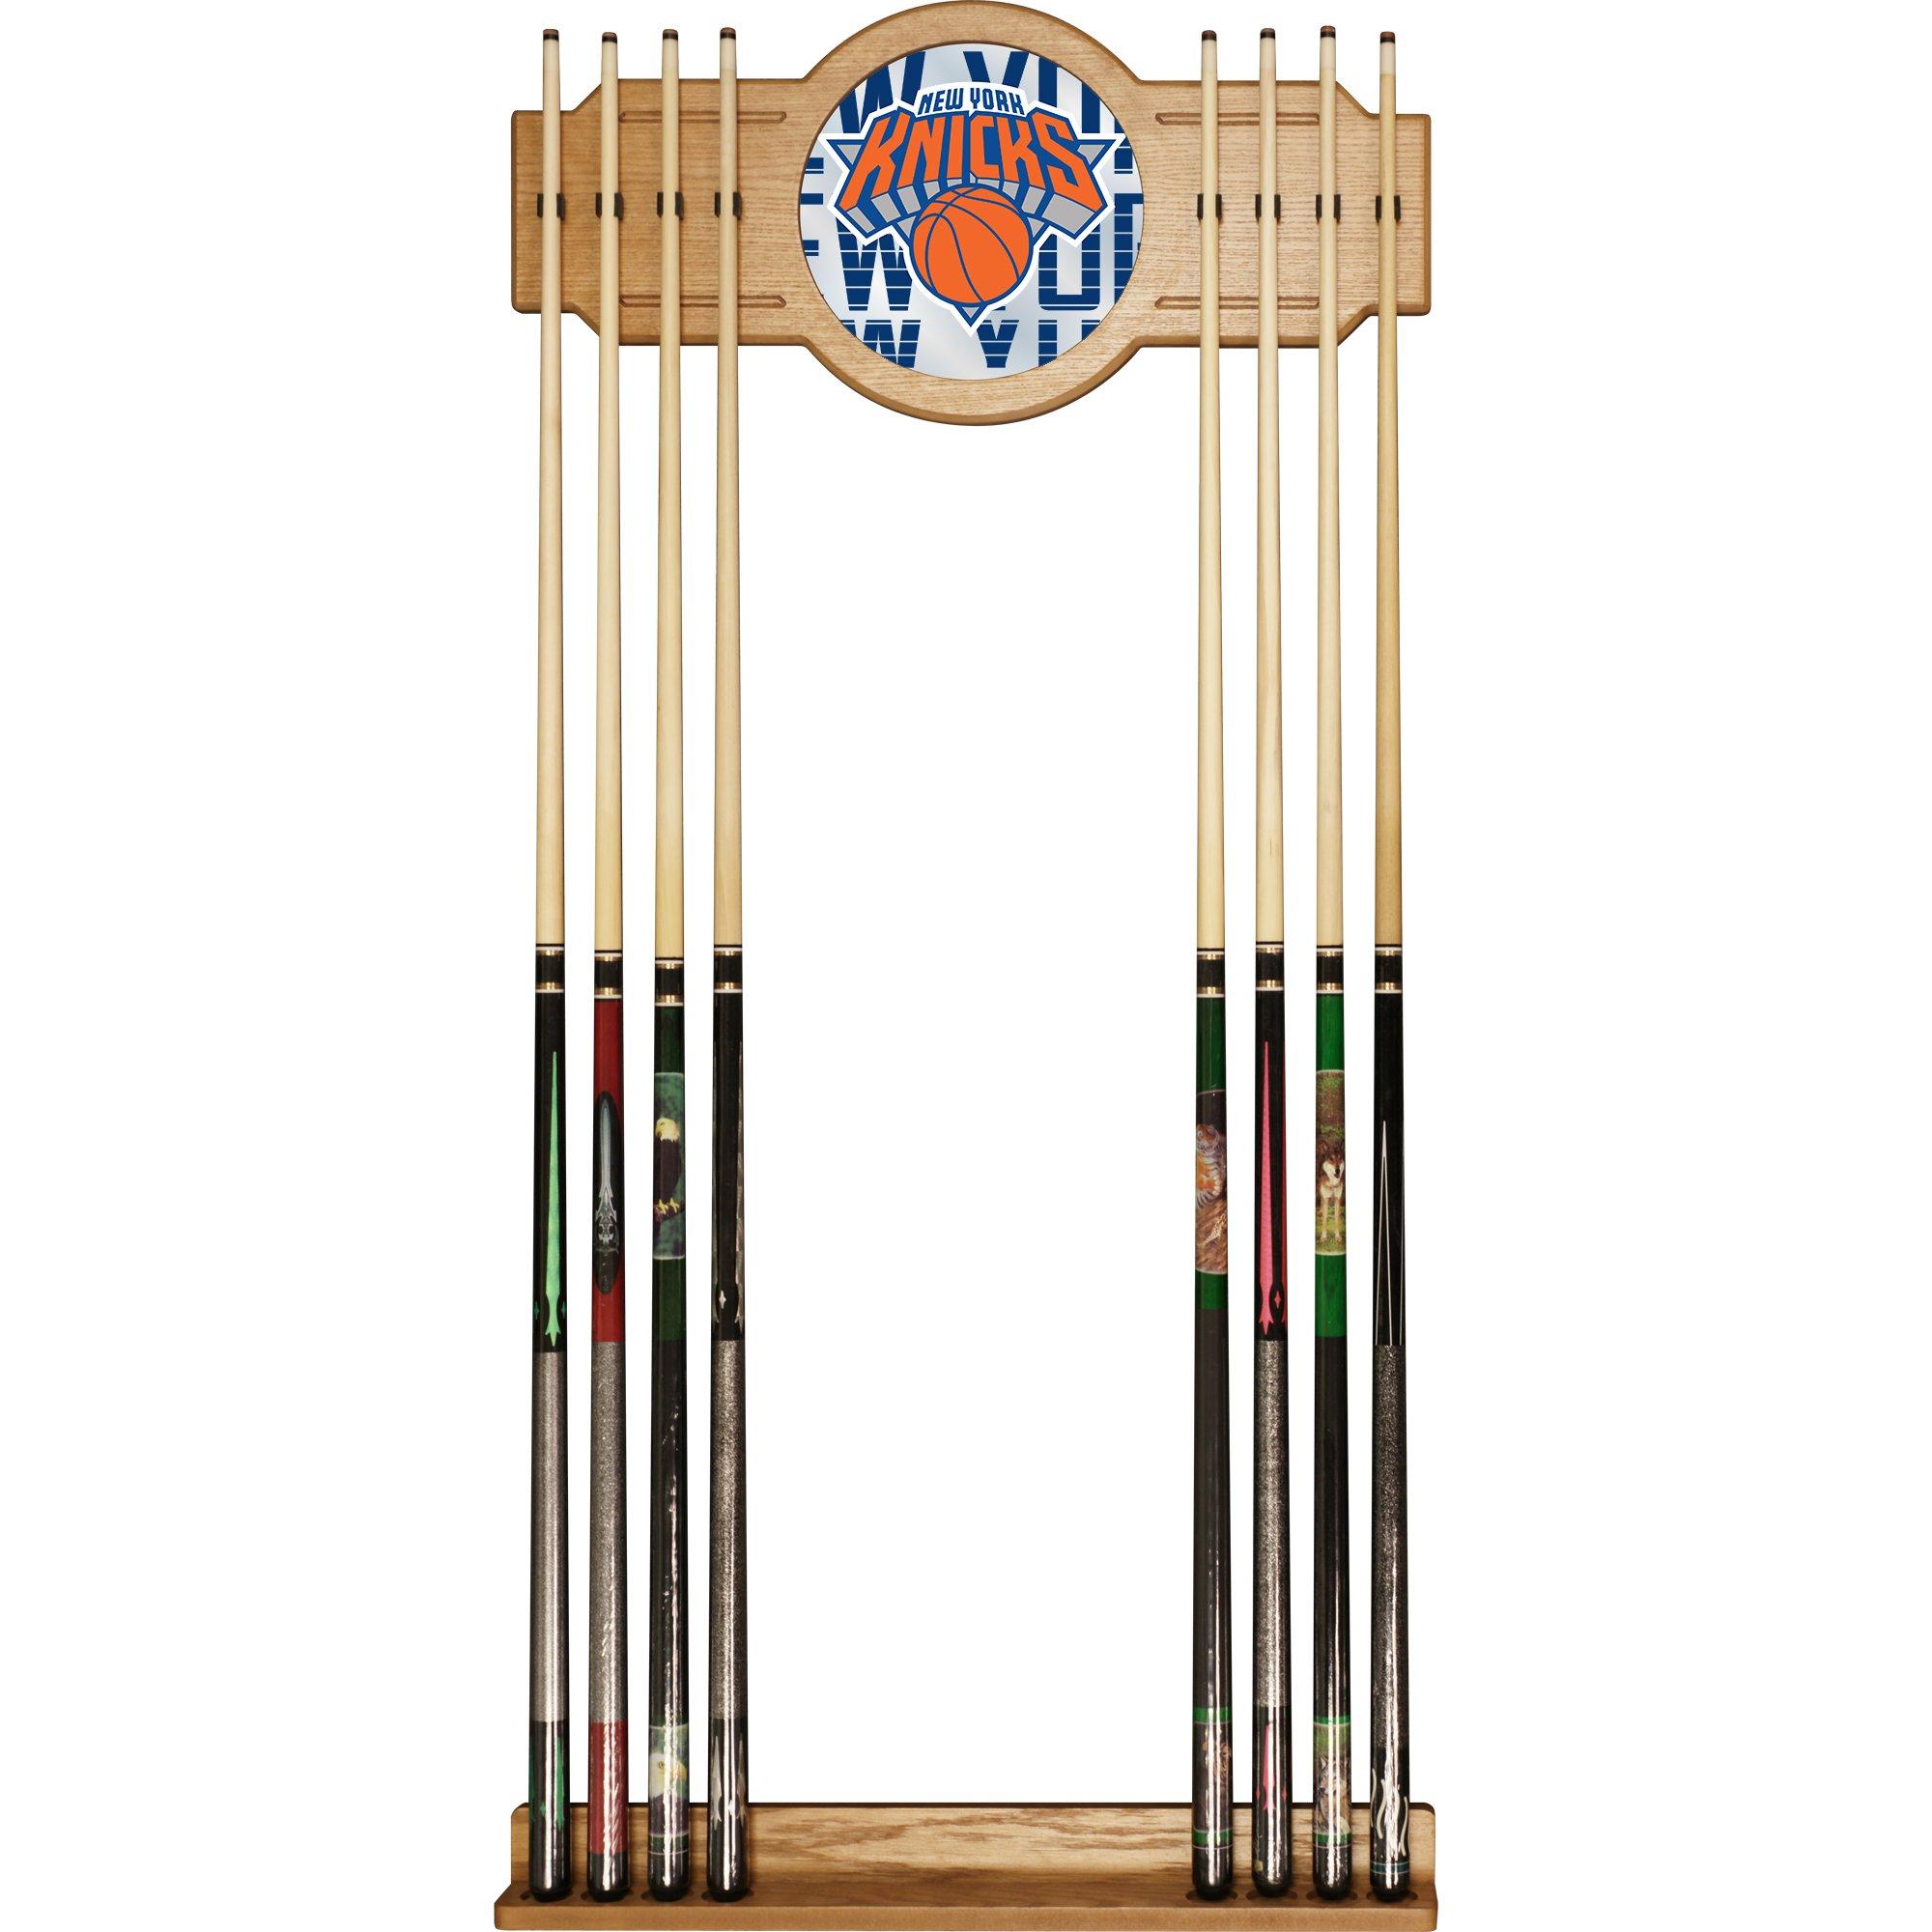 Trademark Gameroom NBA6000-NY3 NBA Cue Rack with Mirror - City - New York Knicks